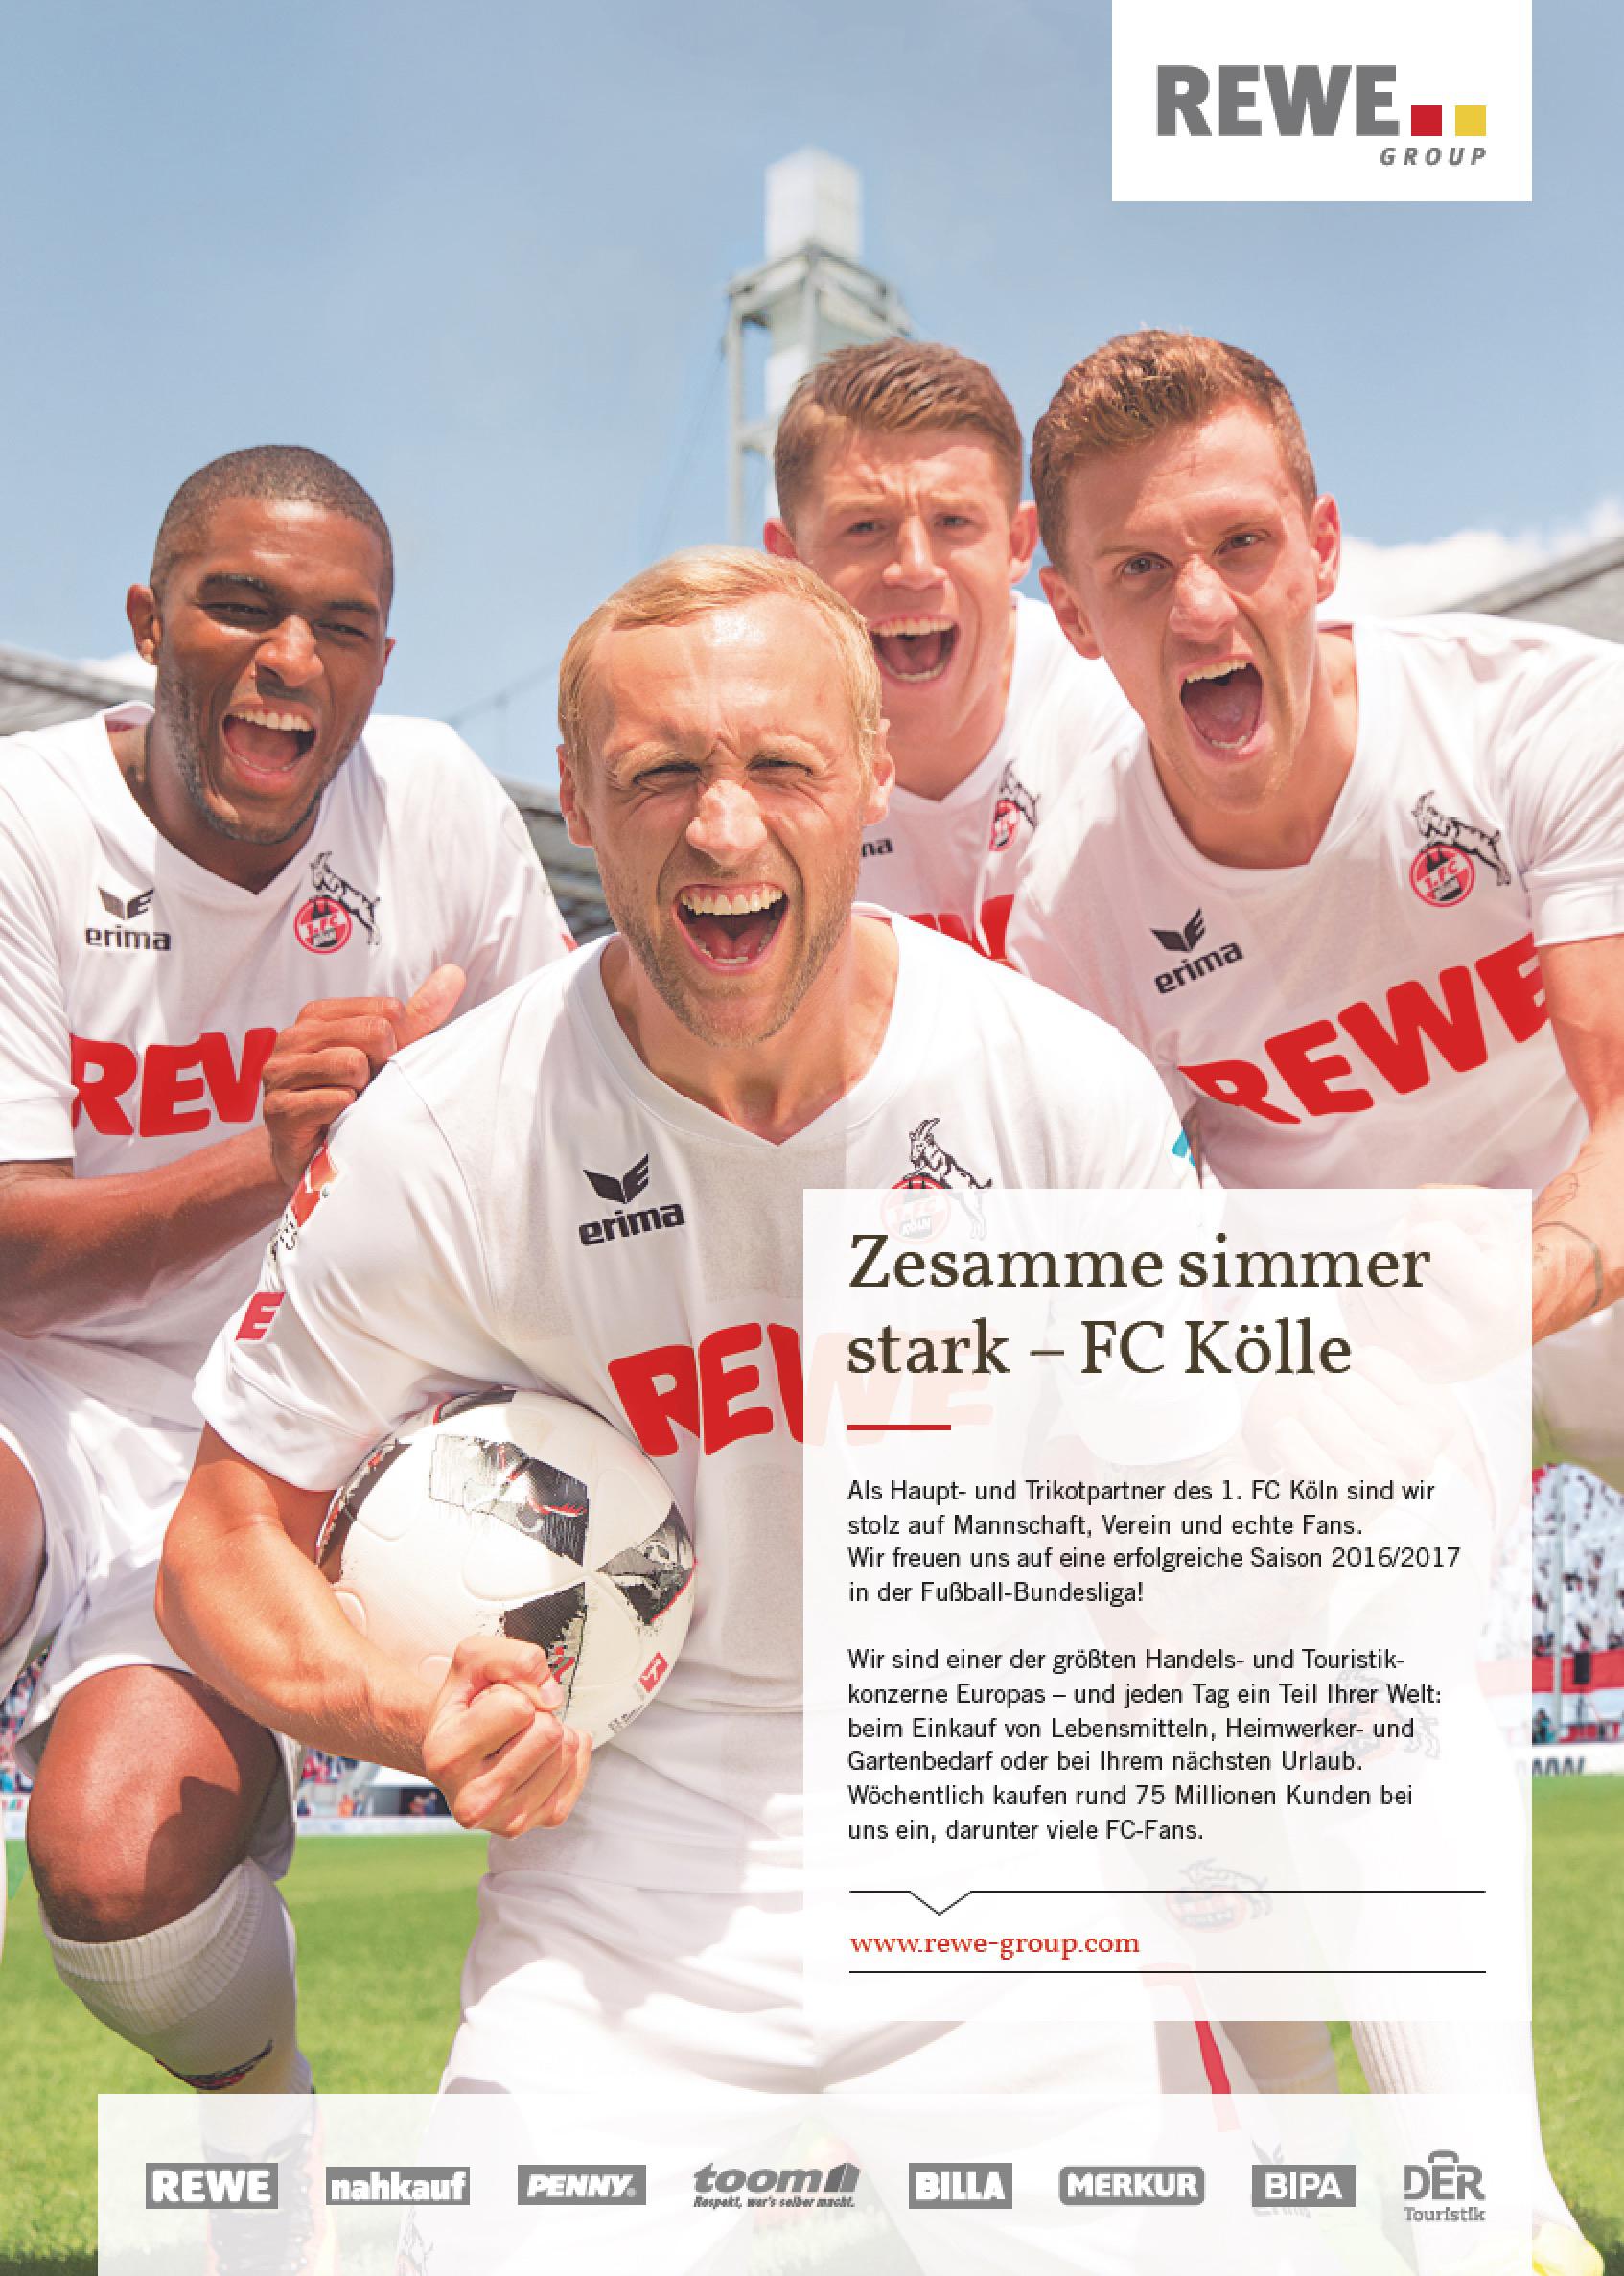 FC Köln für Rewe, fotografie tomas rodriguez köln